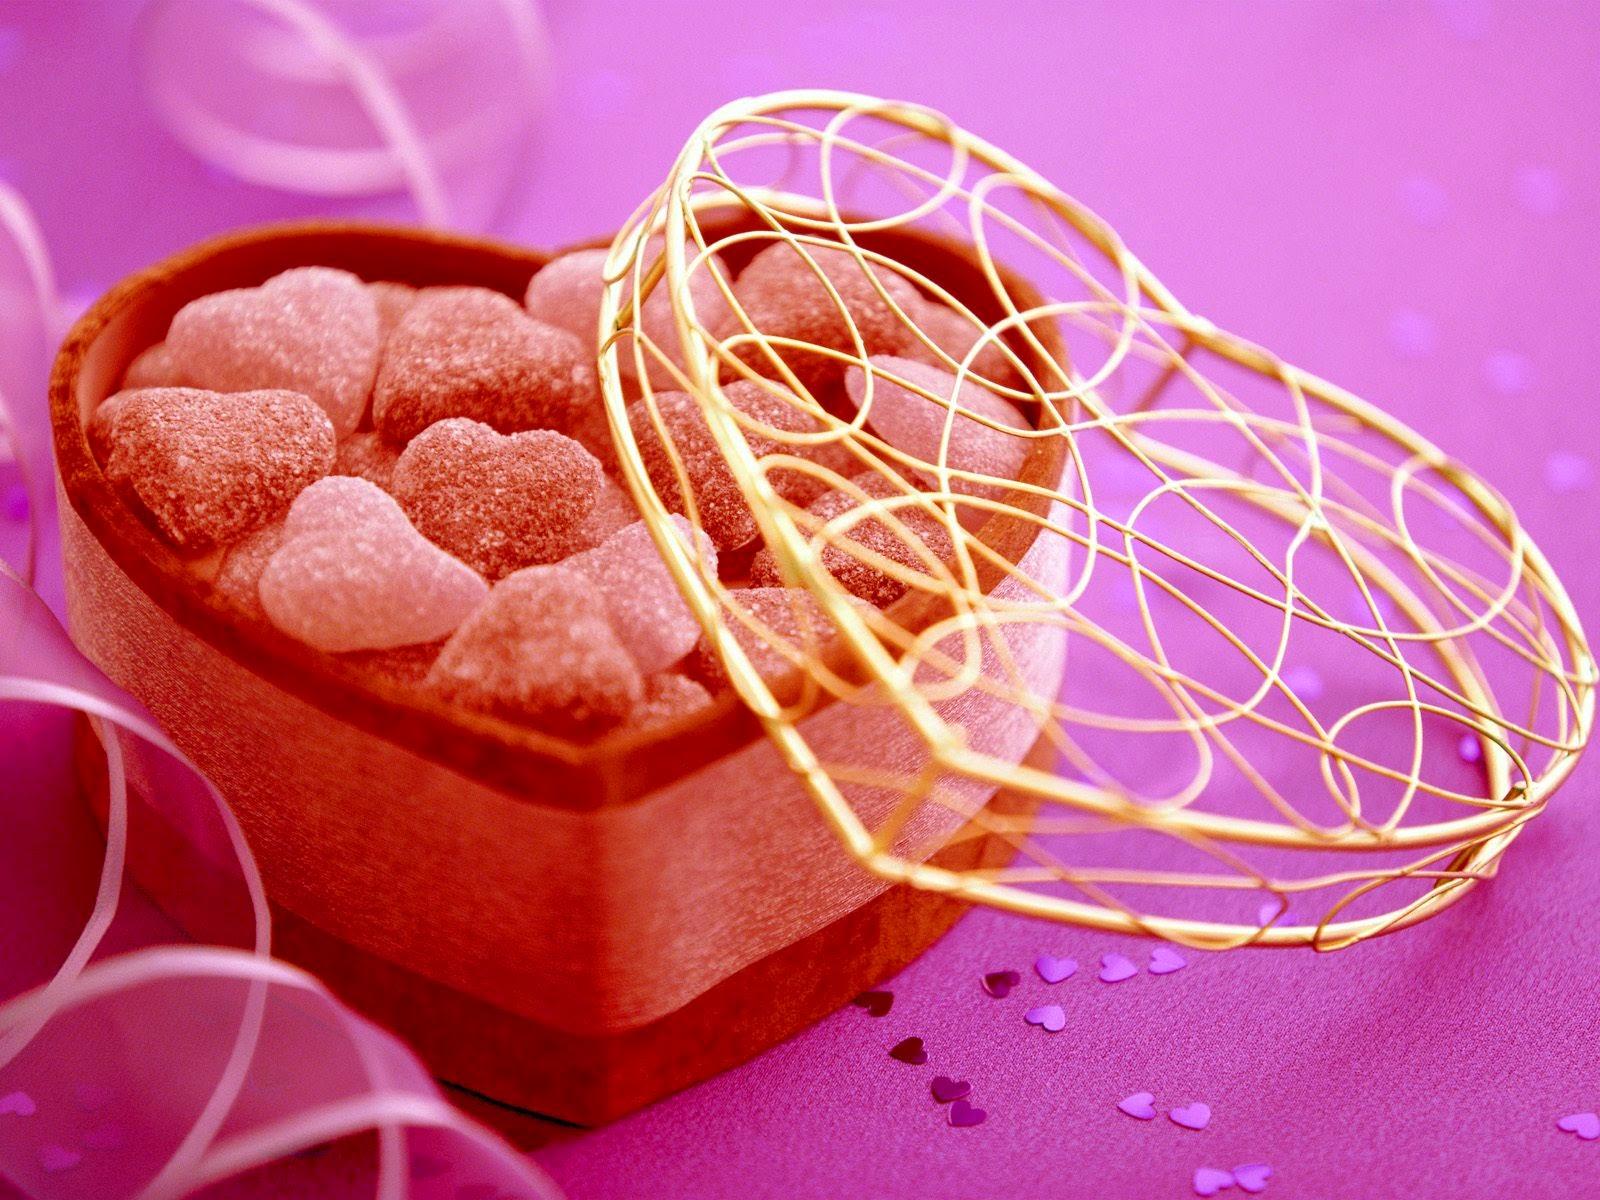 hinh-valentine-dep-ngay-le-tinh-nhan-hinh-tinh-yeu-lang-mang-11